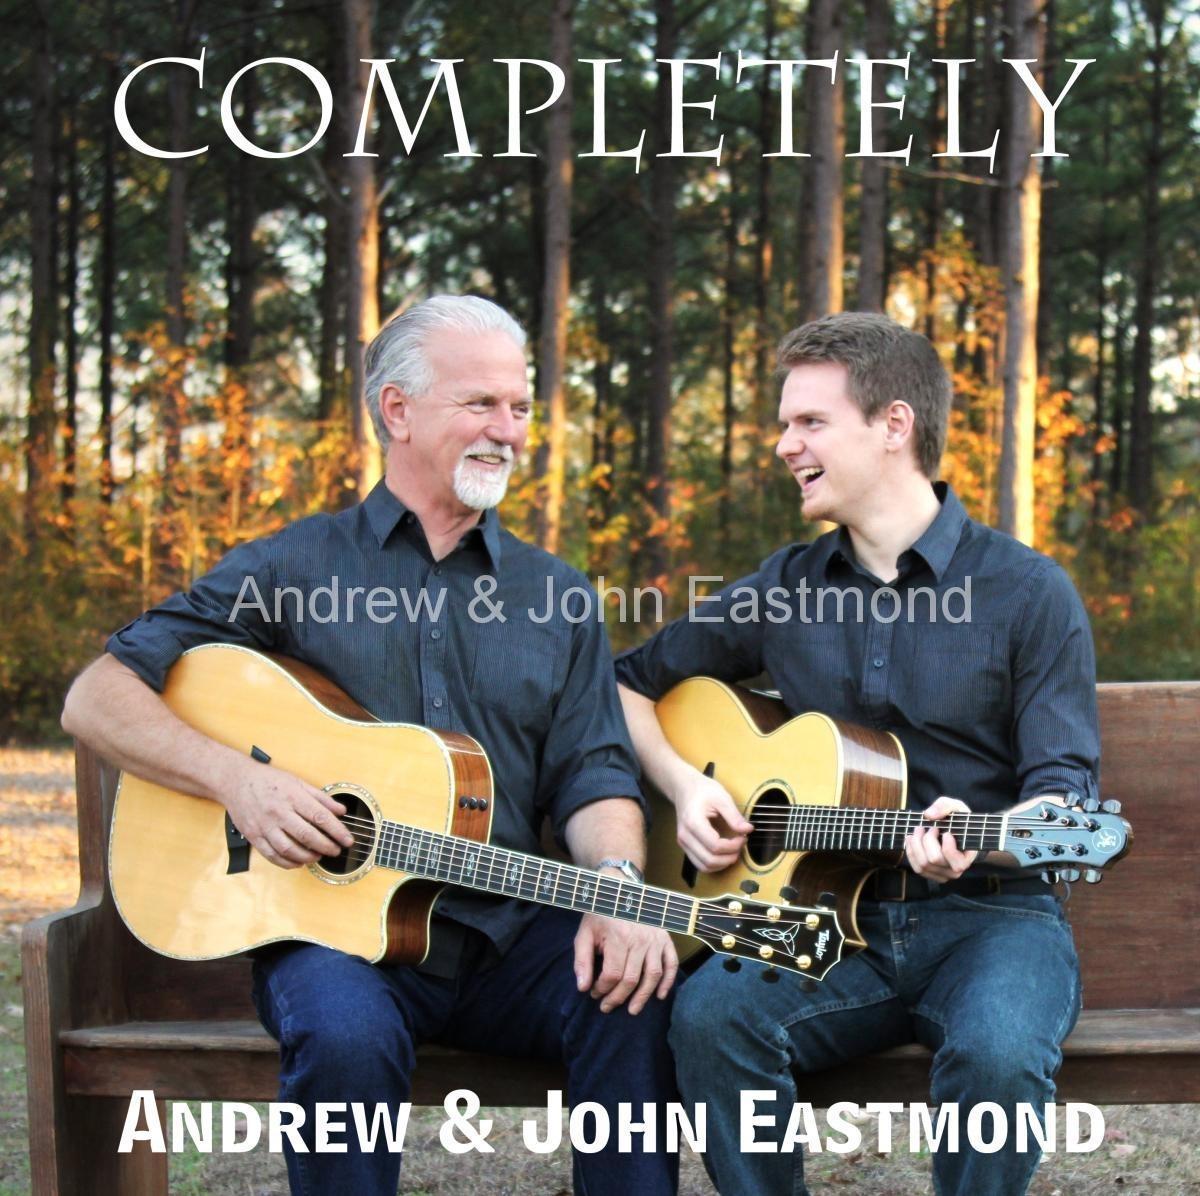 Completely cd by Andrew & John Eastmond